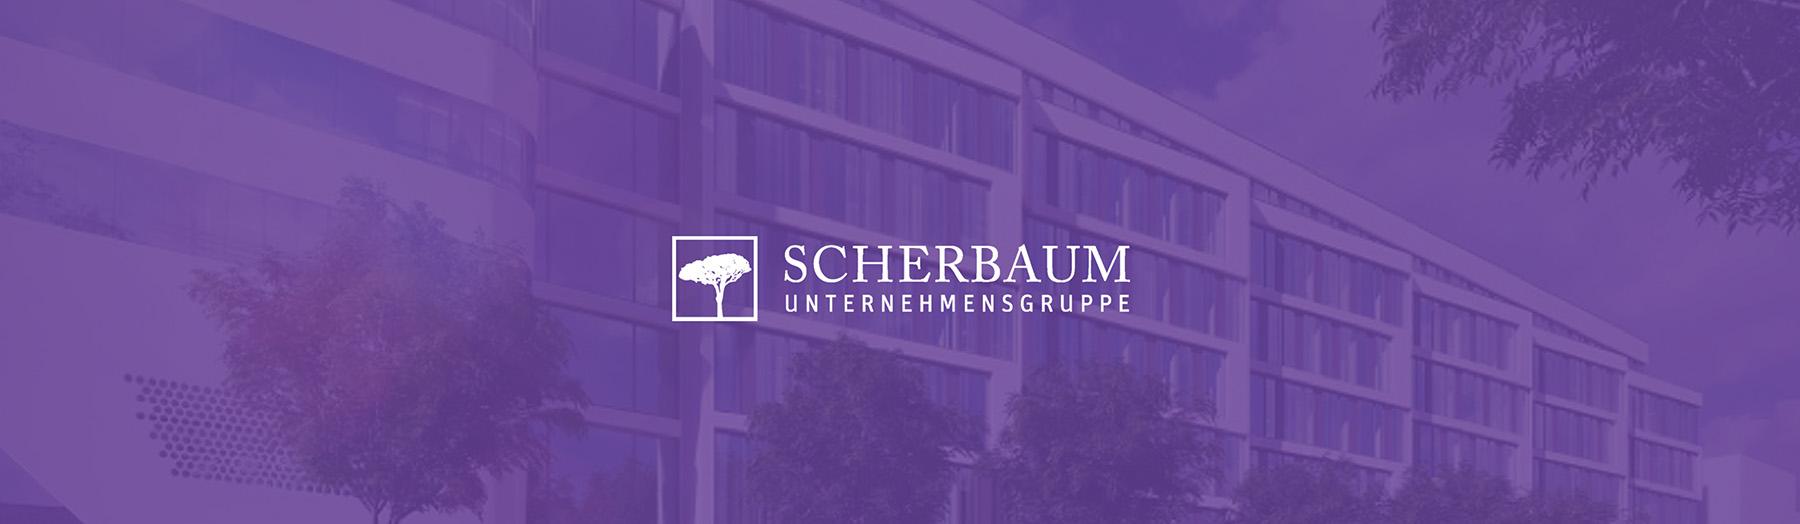 scherbaum